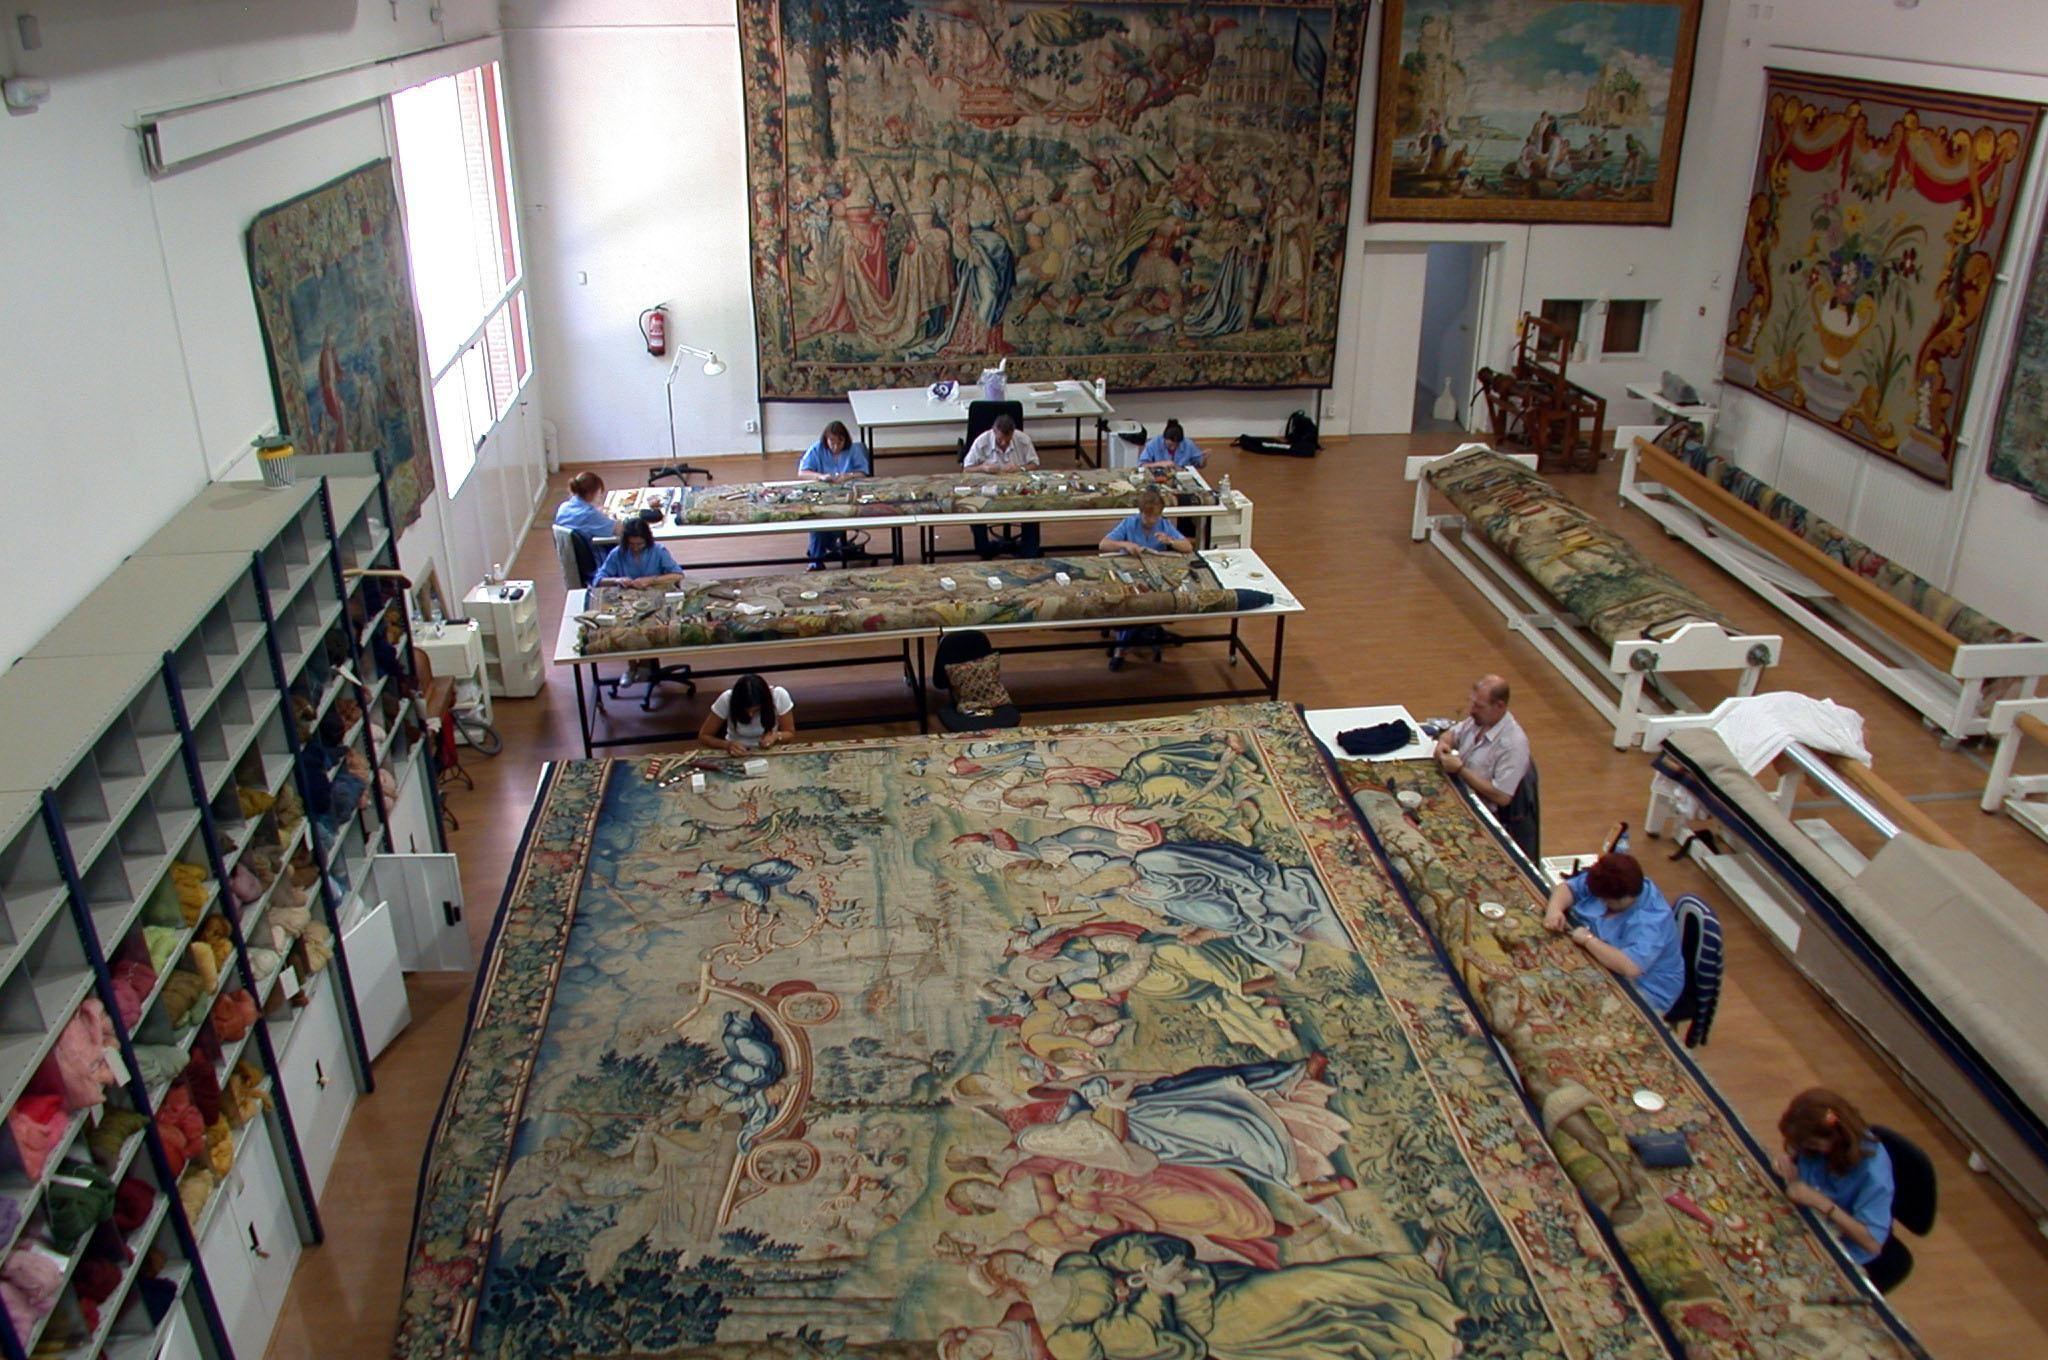 Alfombras real fabrica de tapices buscar con google creando arte weben y spinne - Fabricantes de alfombras ...